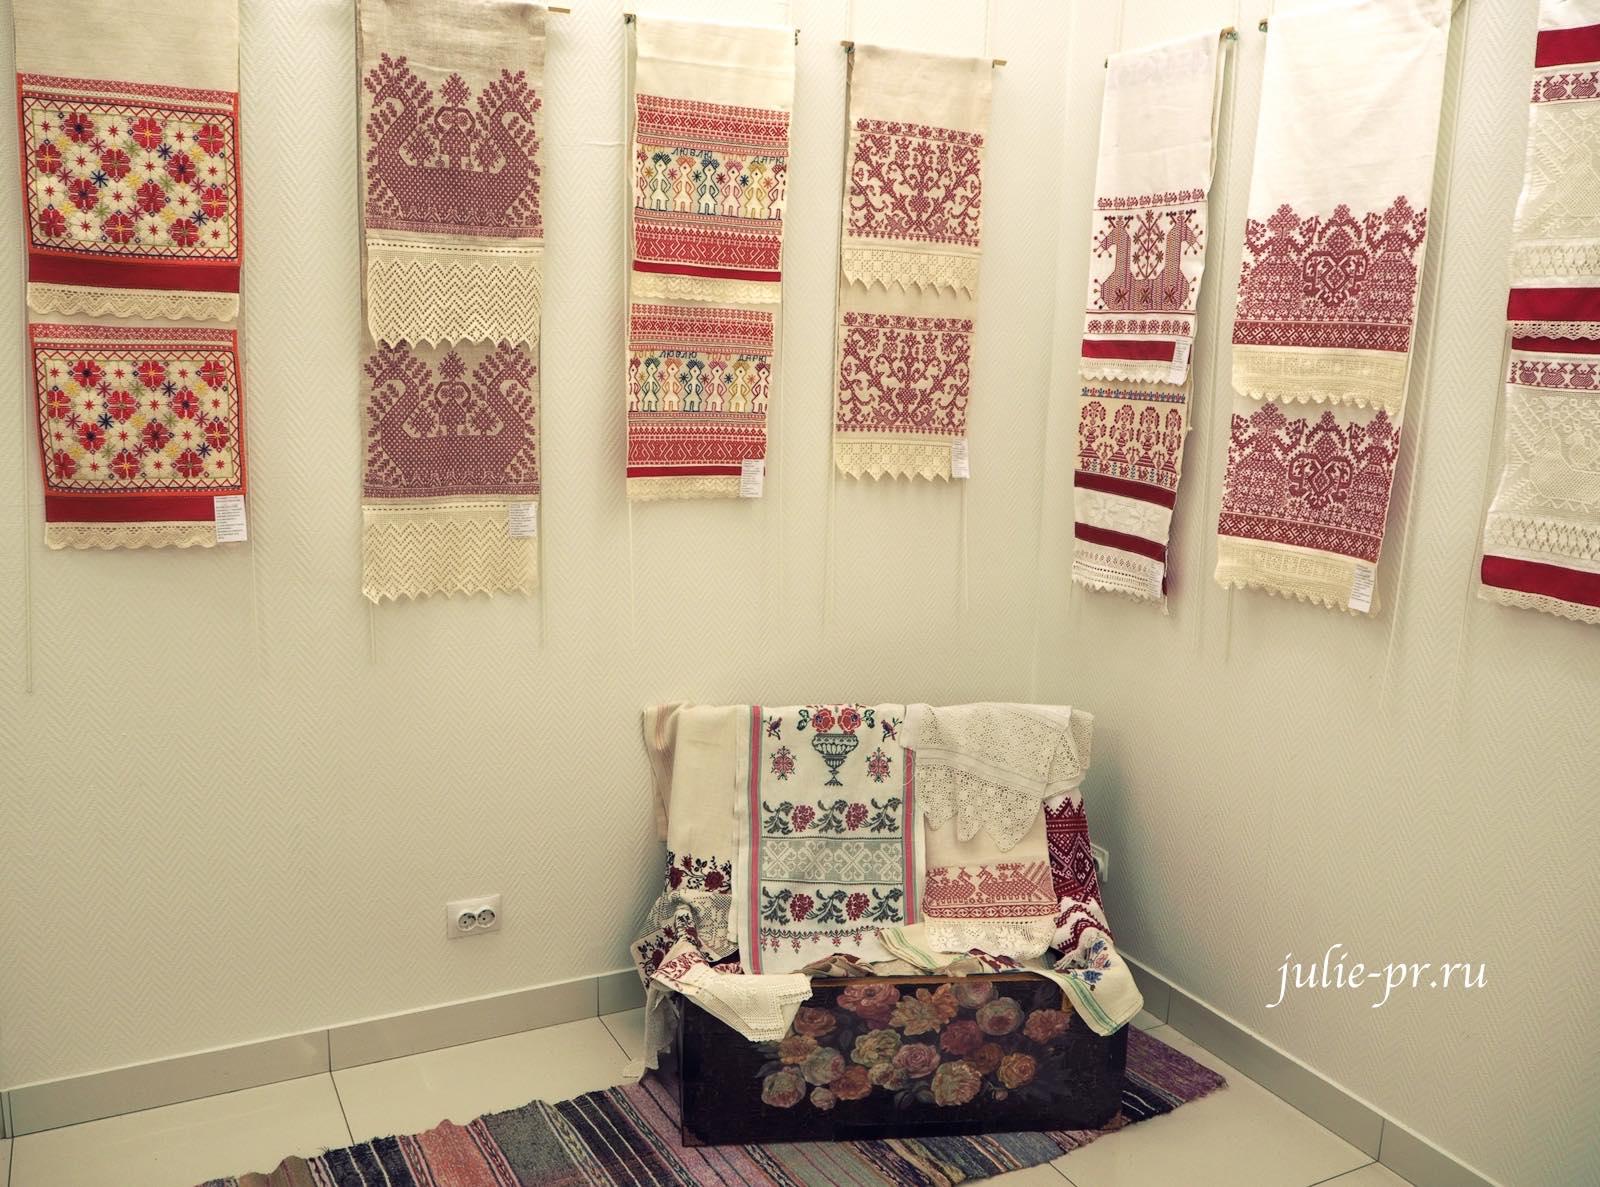 вышитые полотенца, вышивка крестом, роспись, старинные вышивки, выставка, Иголочка тонка, да достаёт до сердца, Санкт-Петербург,